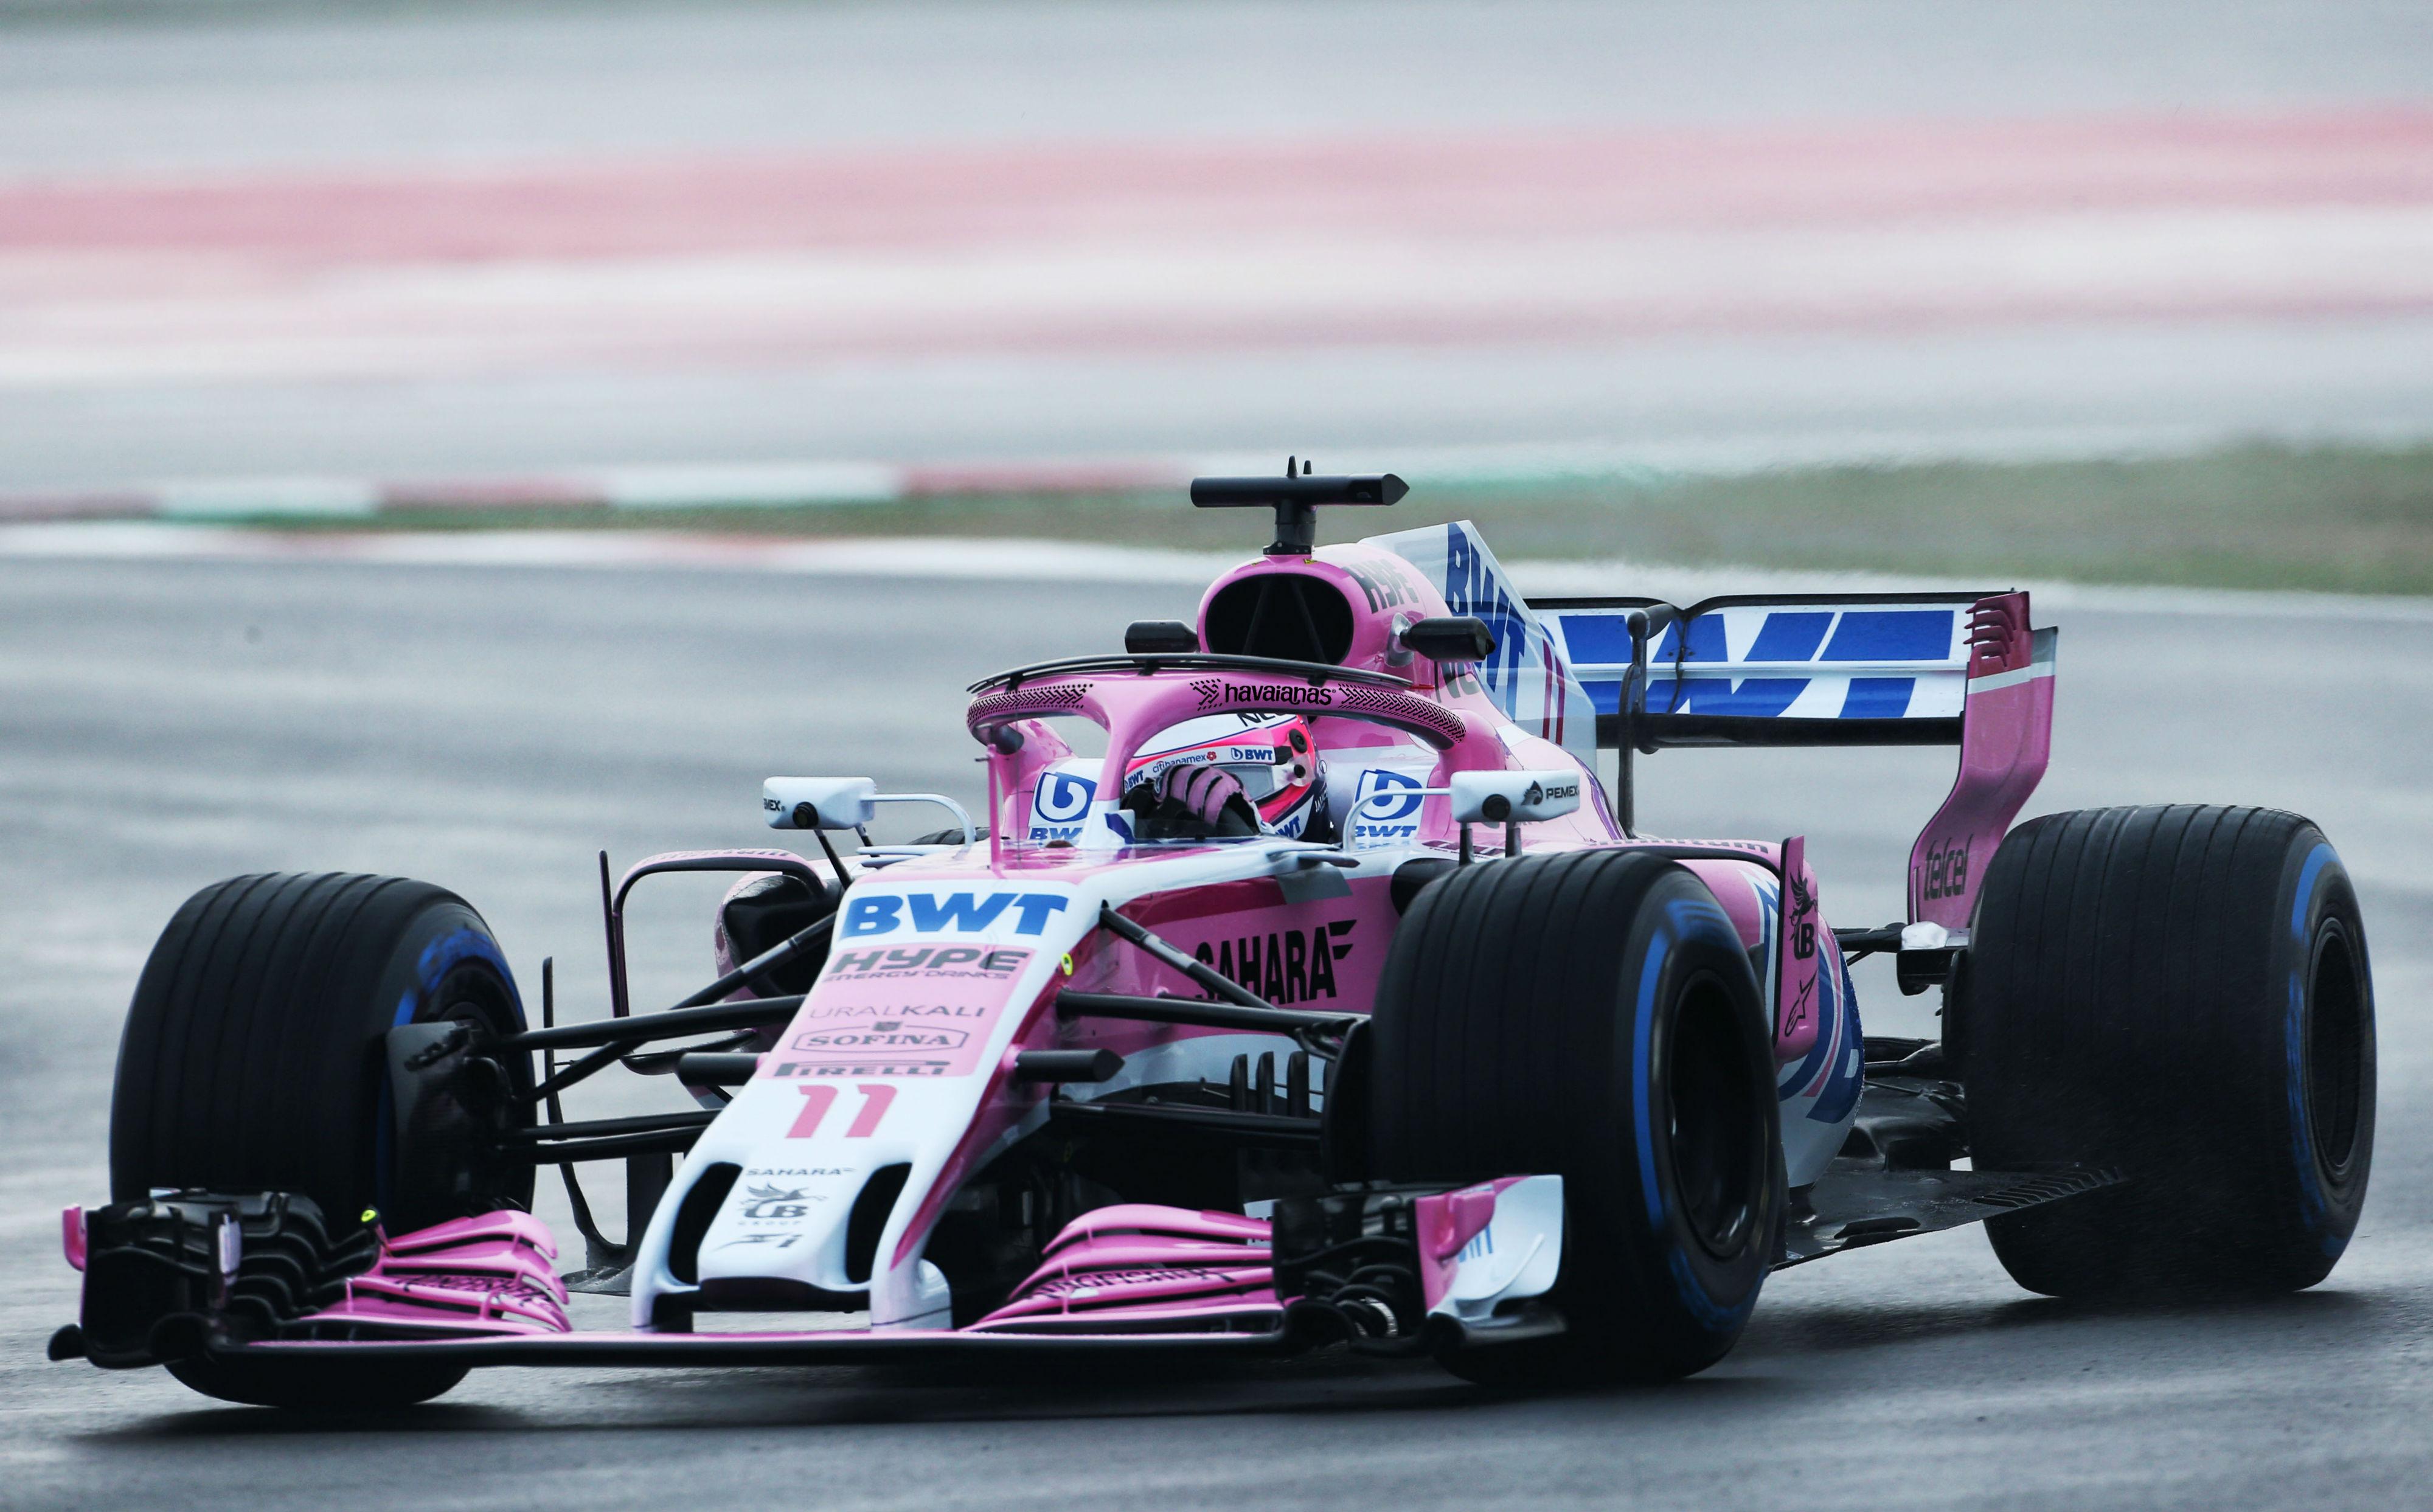 Carro da equipe Force India da Fórmula 1 com logo das Havaianas (DIvulgação)